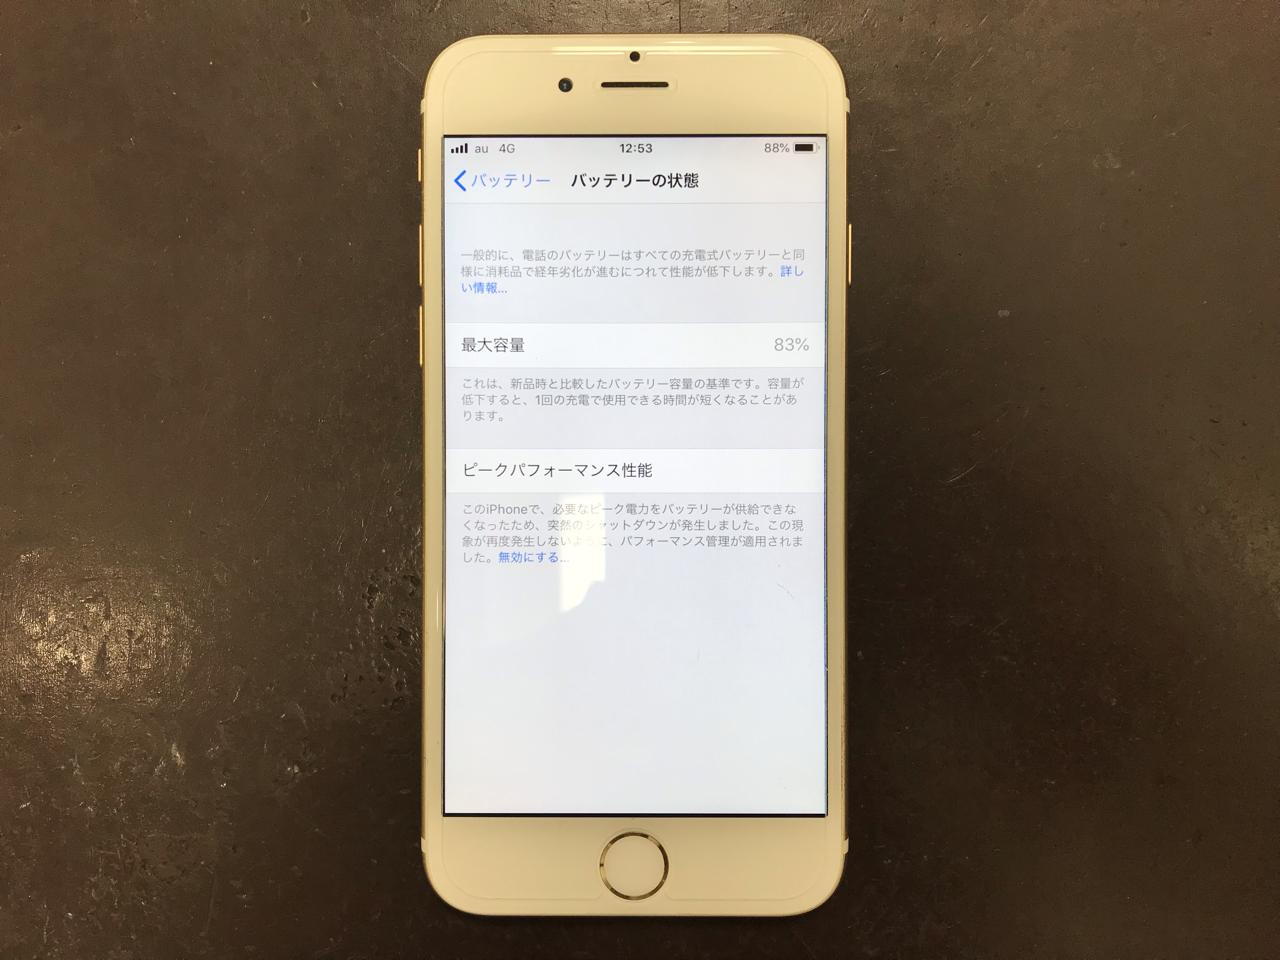 70b3c0f5-5e6e-4166-85f3-deb51068ae9d_1555232808_-2079626351 バッテリーの劣化が進んだiPhone7の修理をしました!!